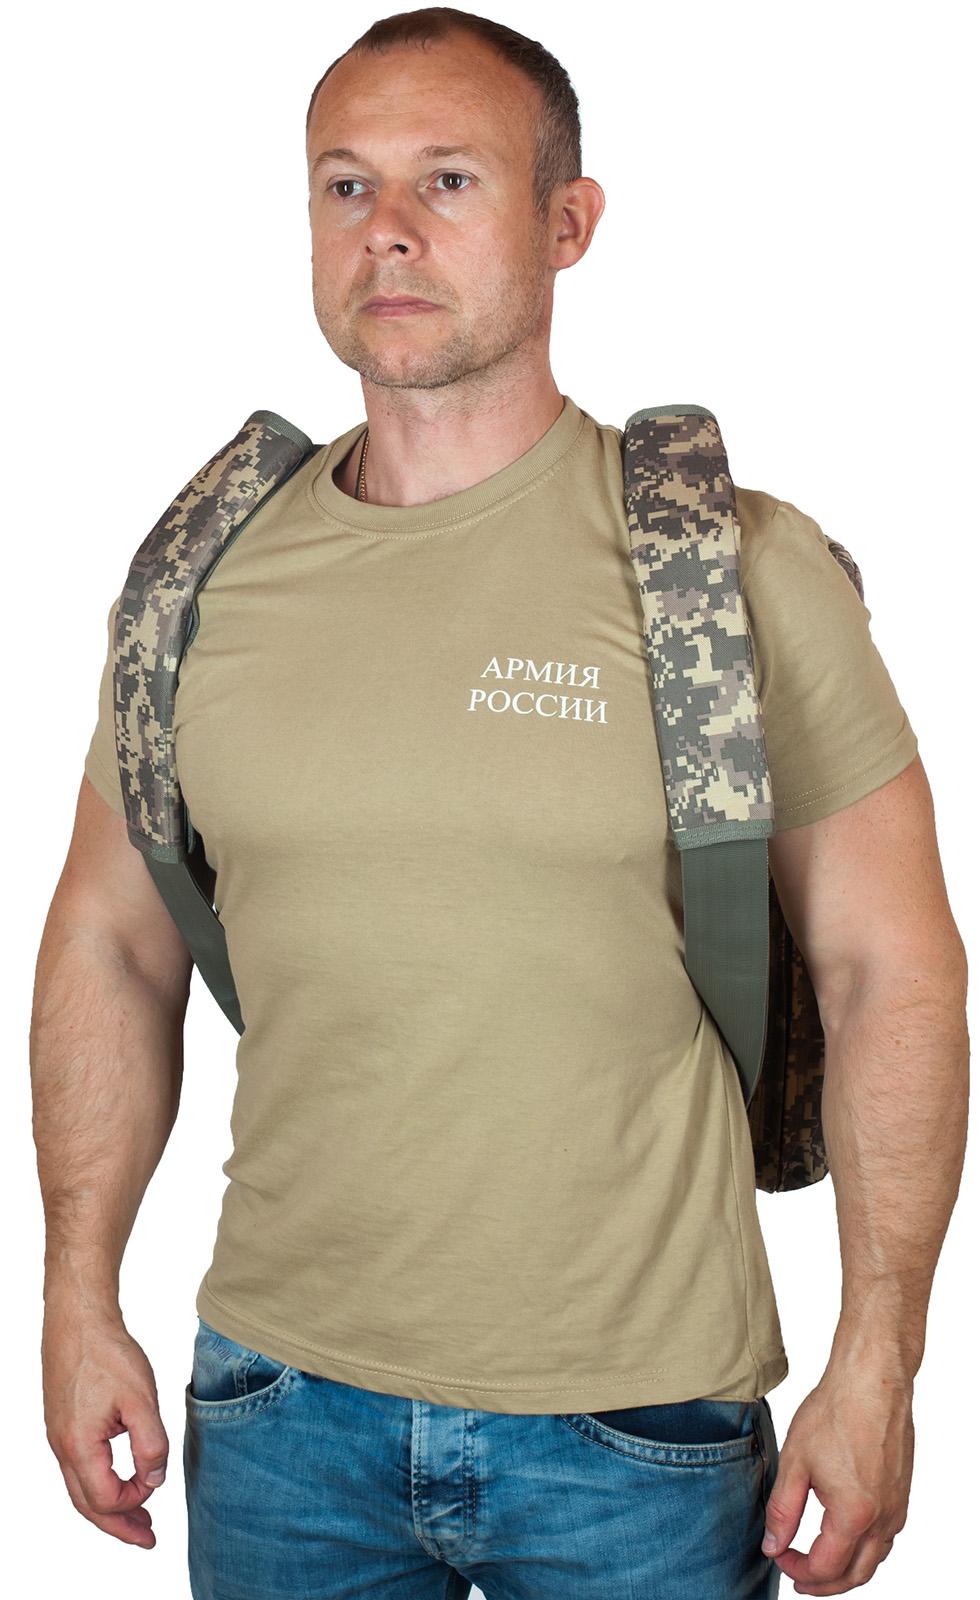 Тактическая камуфляжная сумка-рюкзак с нашивкой ДПС - купить по низкой цене